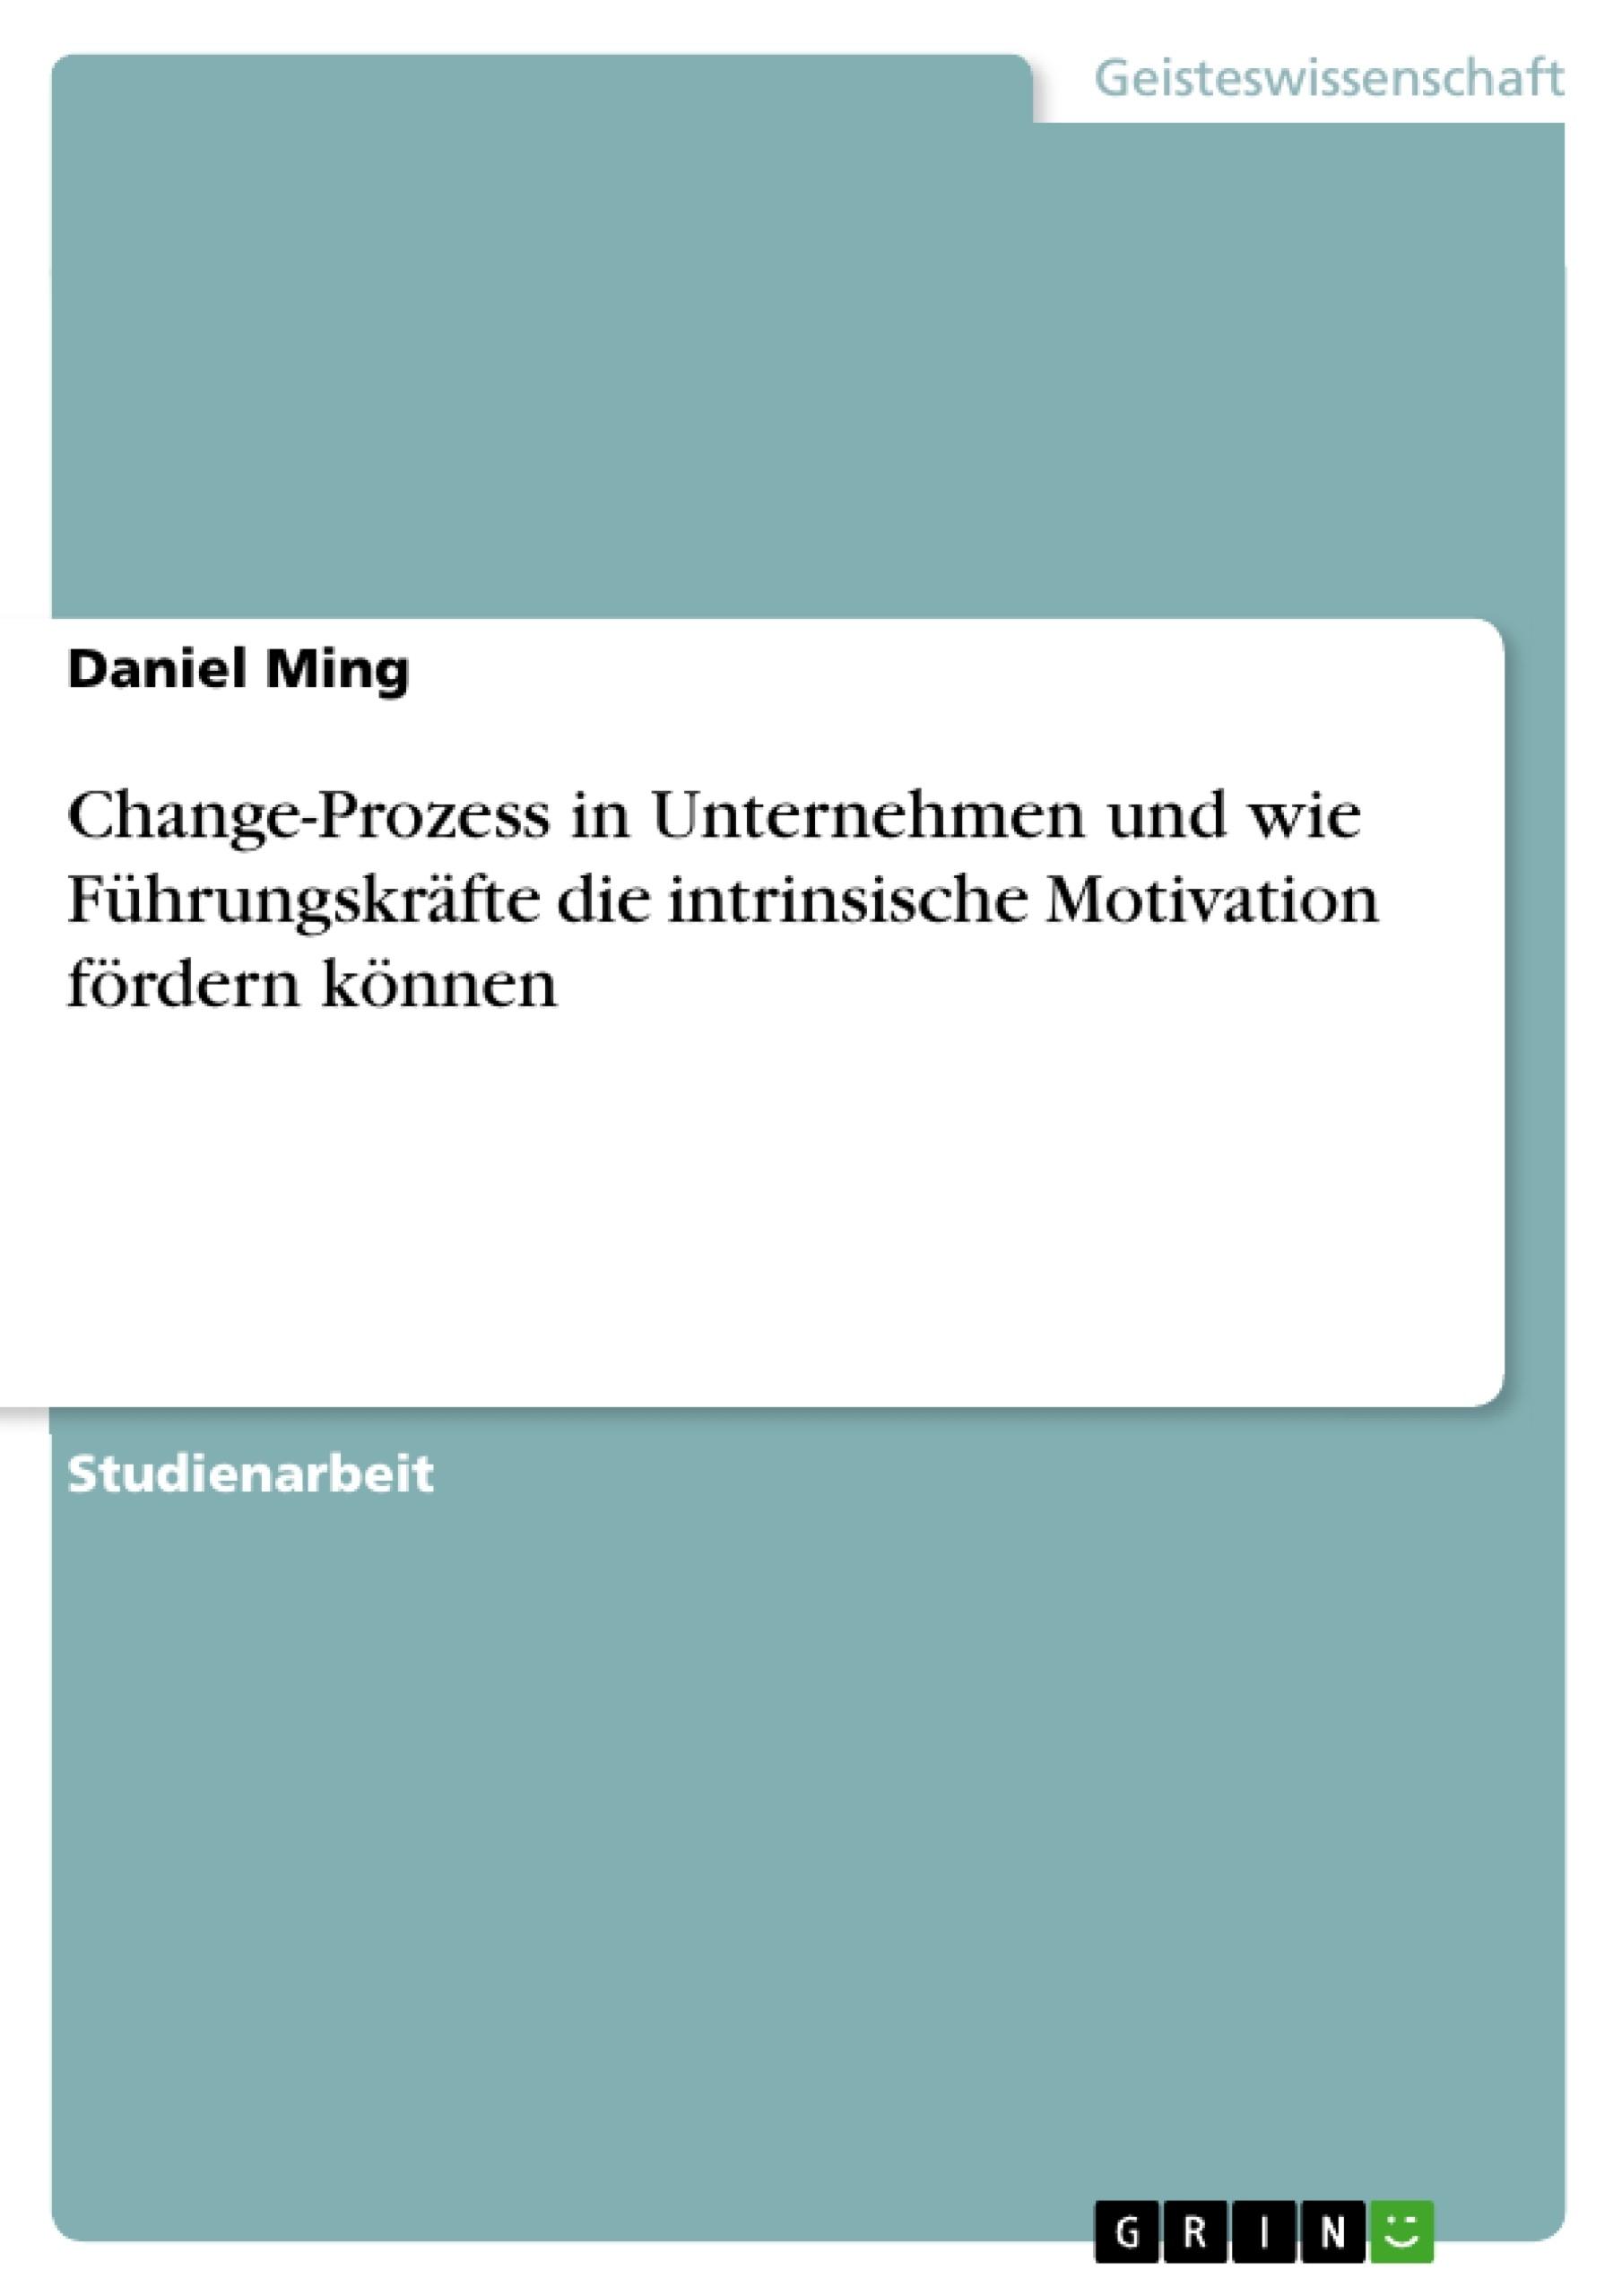 Titel: Change-Prozess in Unternehmen und wie Führungskräfte die intrinsische Motivation fördern können